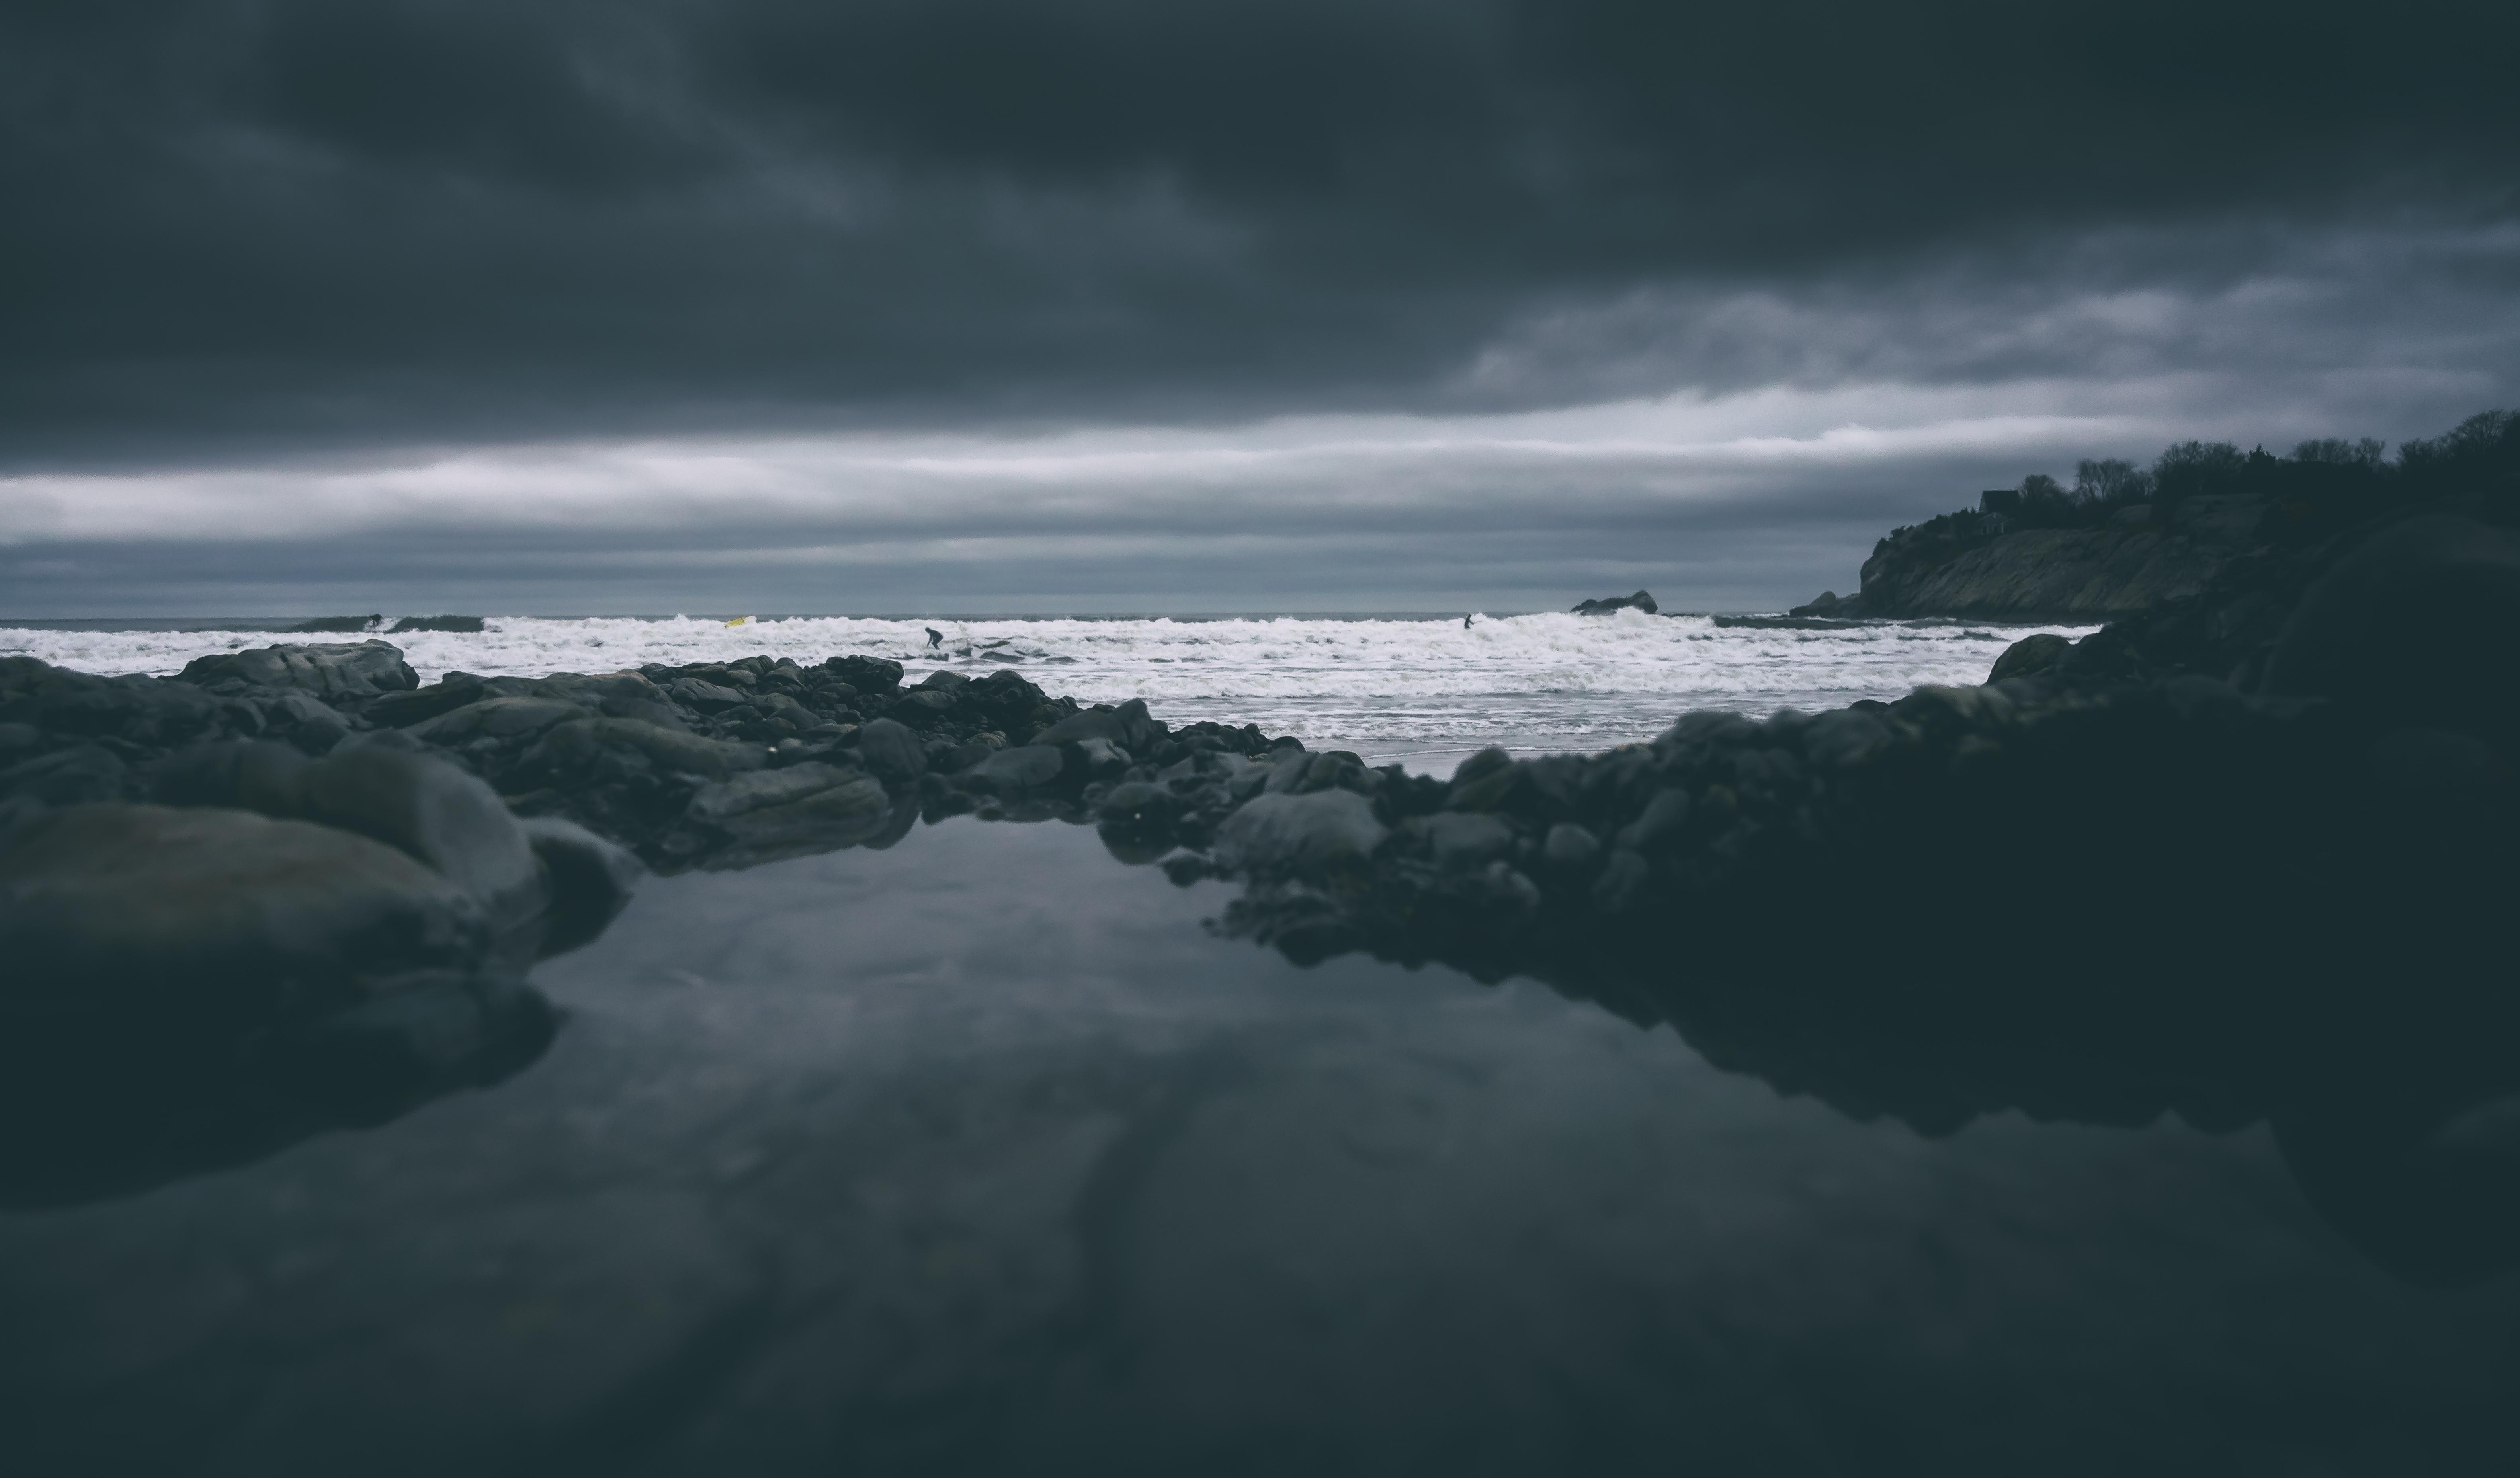 Sea, Sky, Surf A